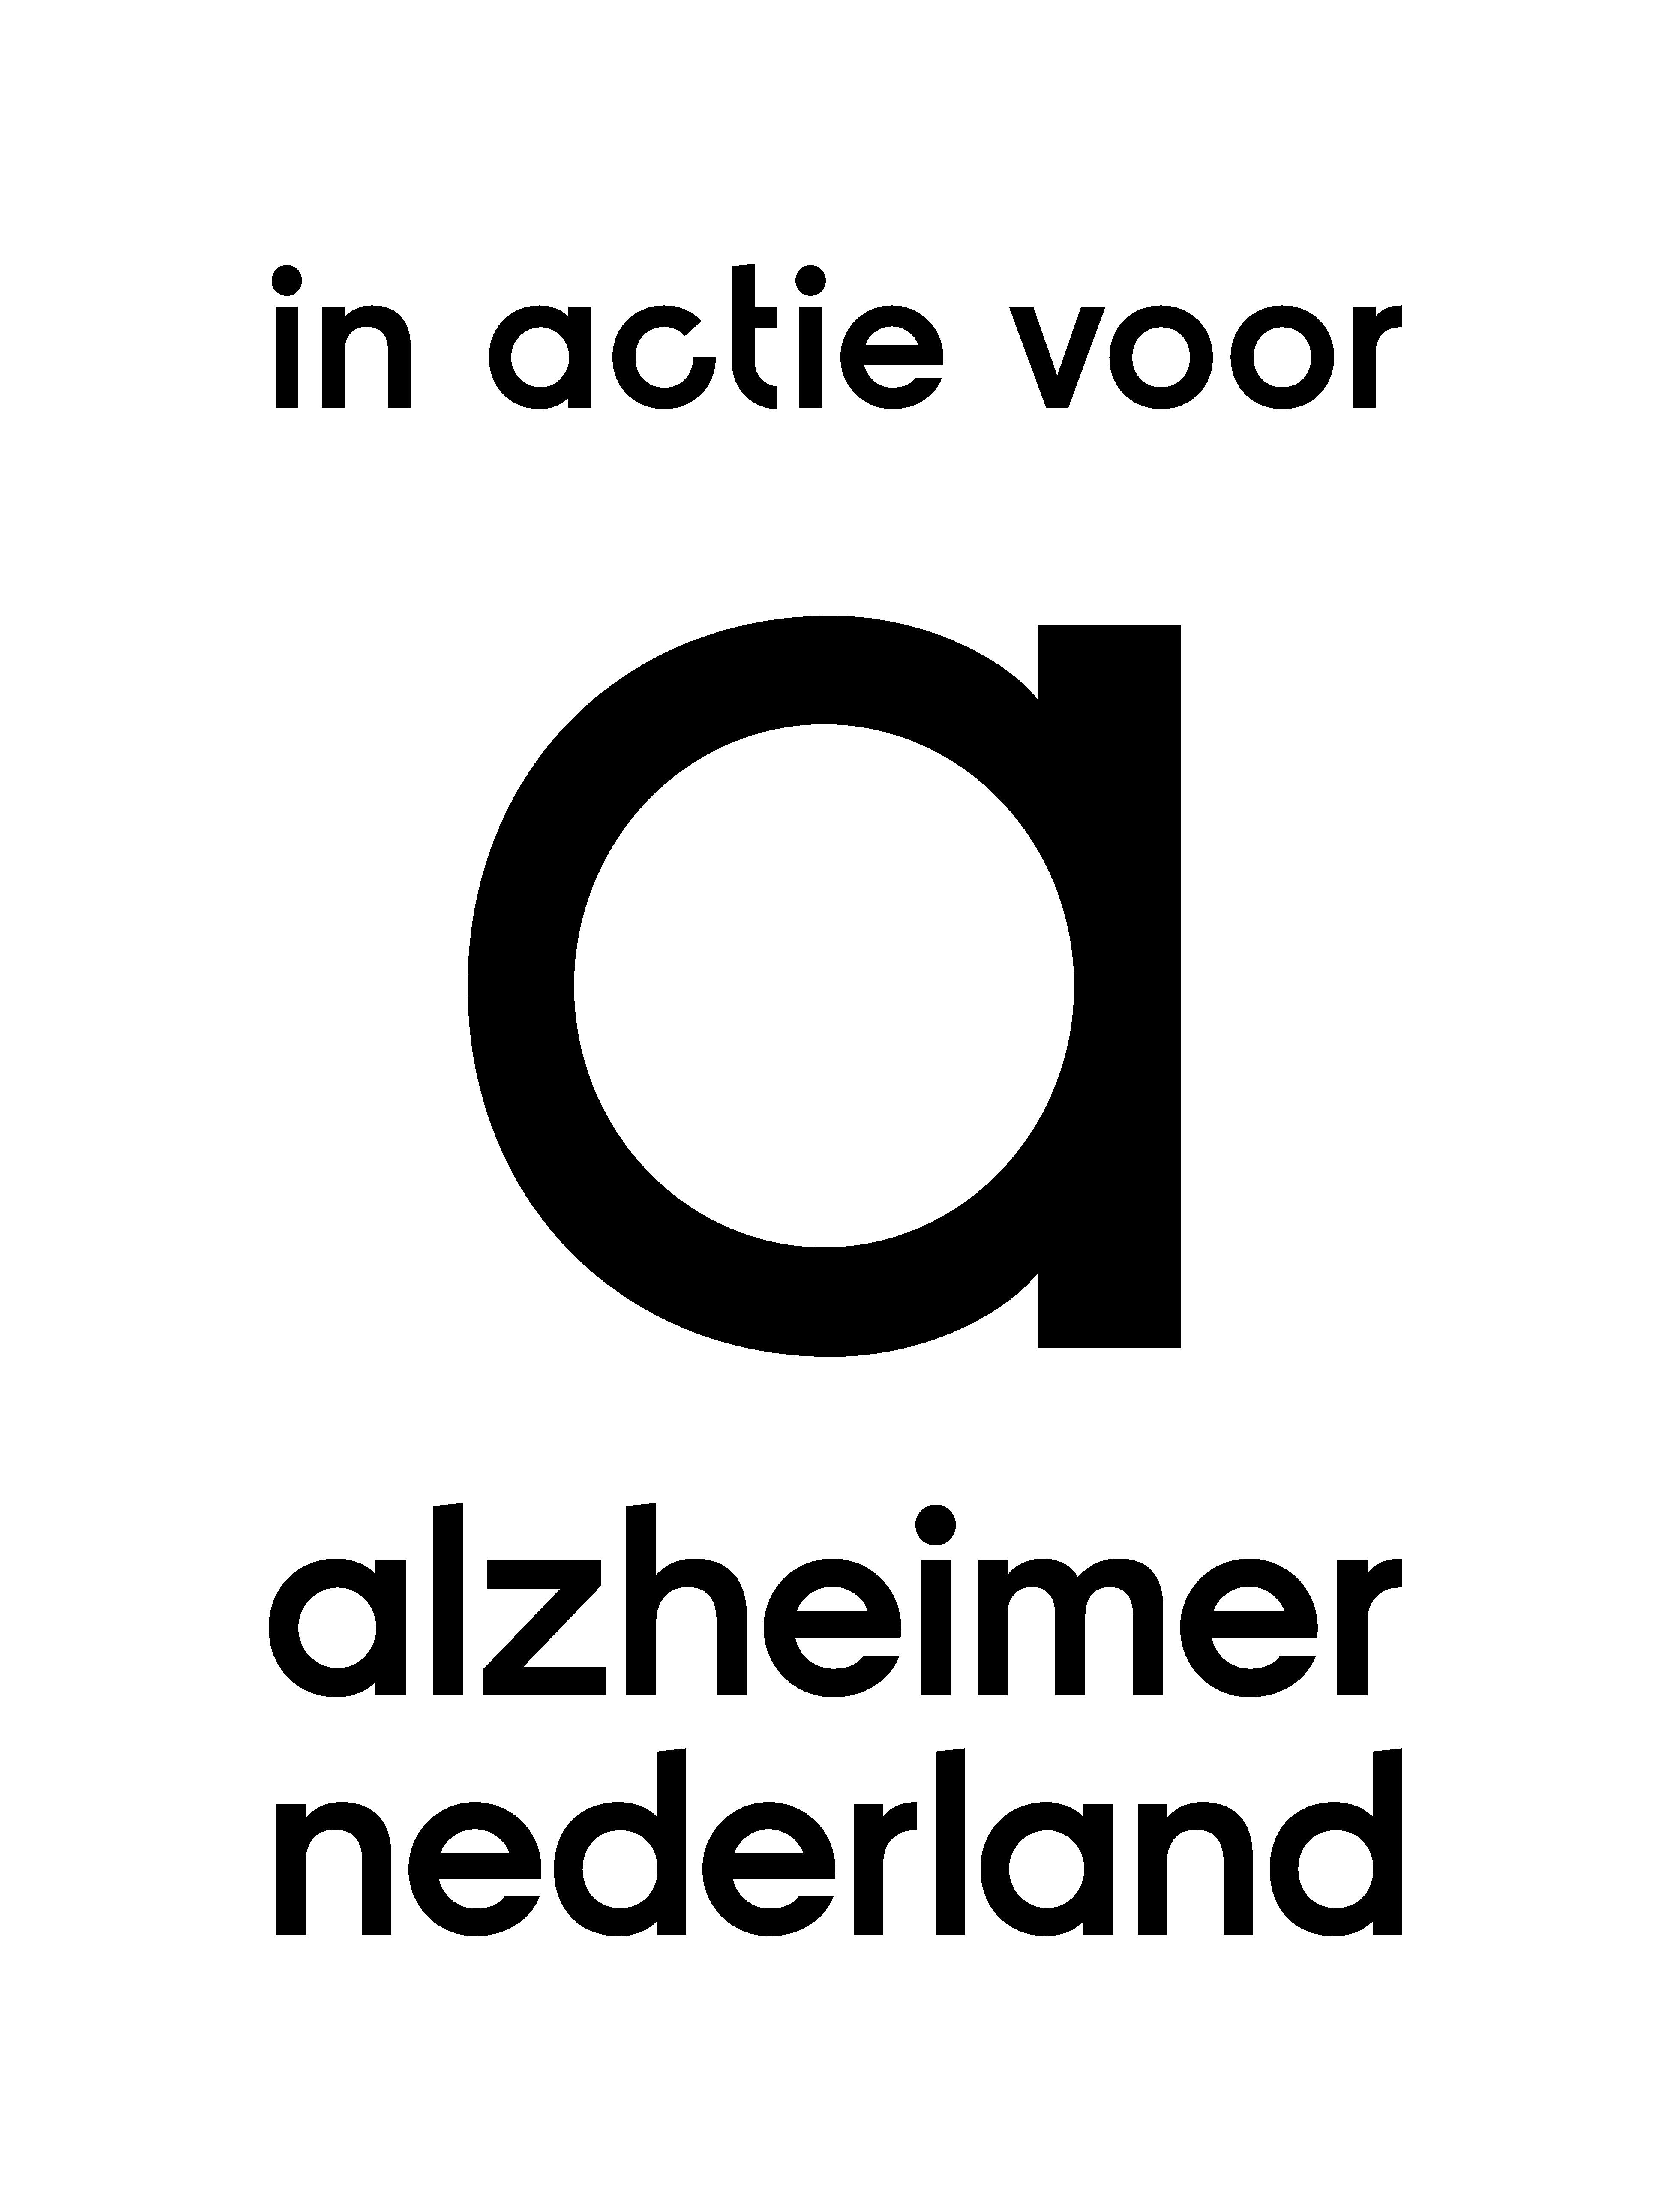 Zonder_label_AN_Logo_Inactievoor_RGB_2019_zwart